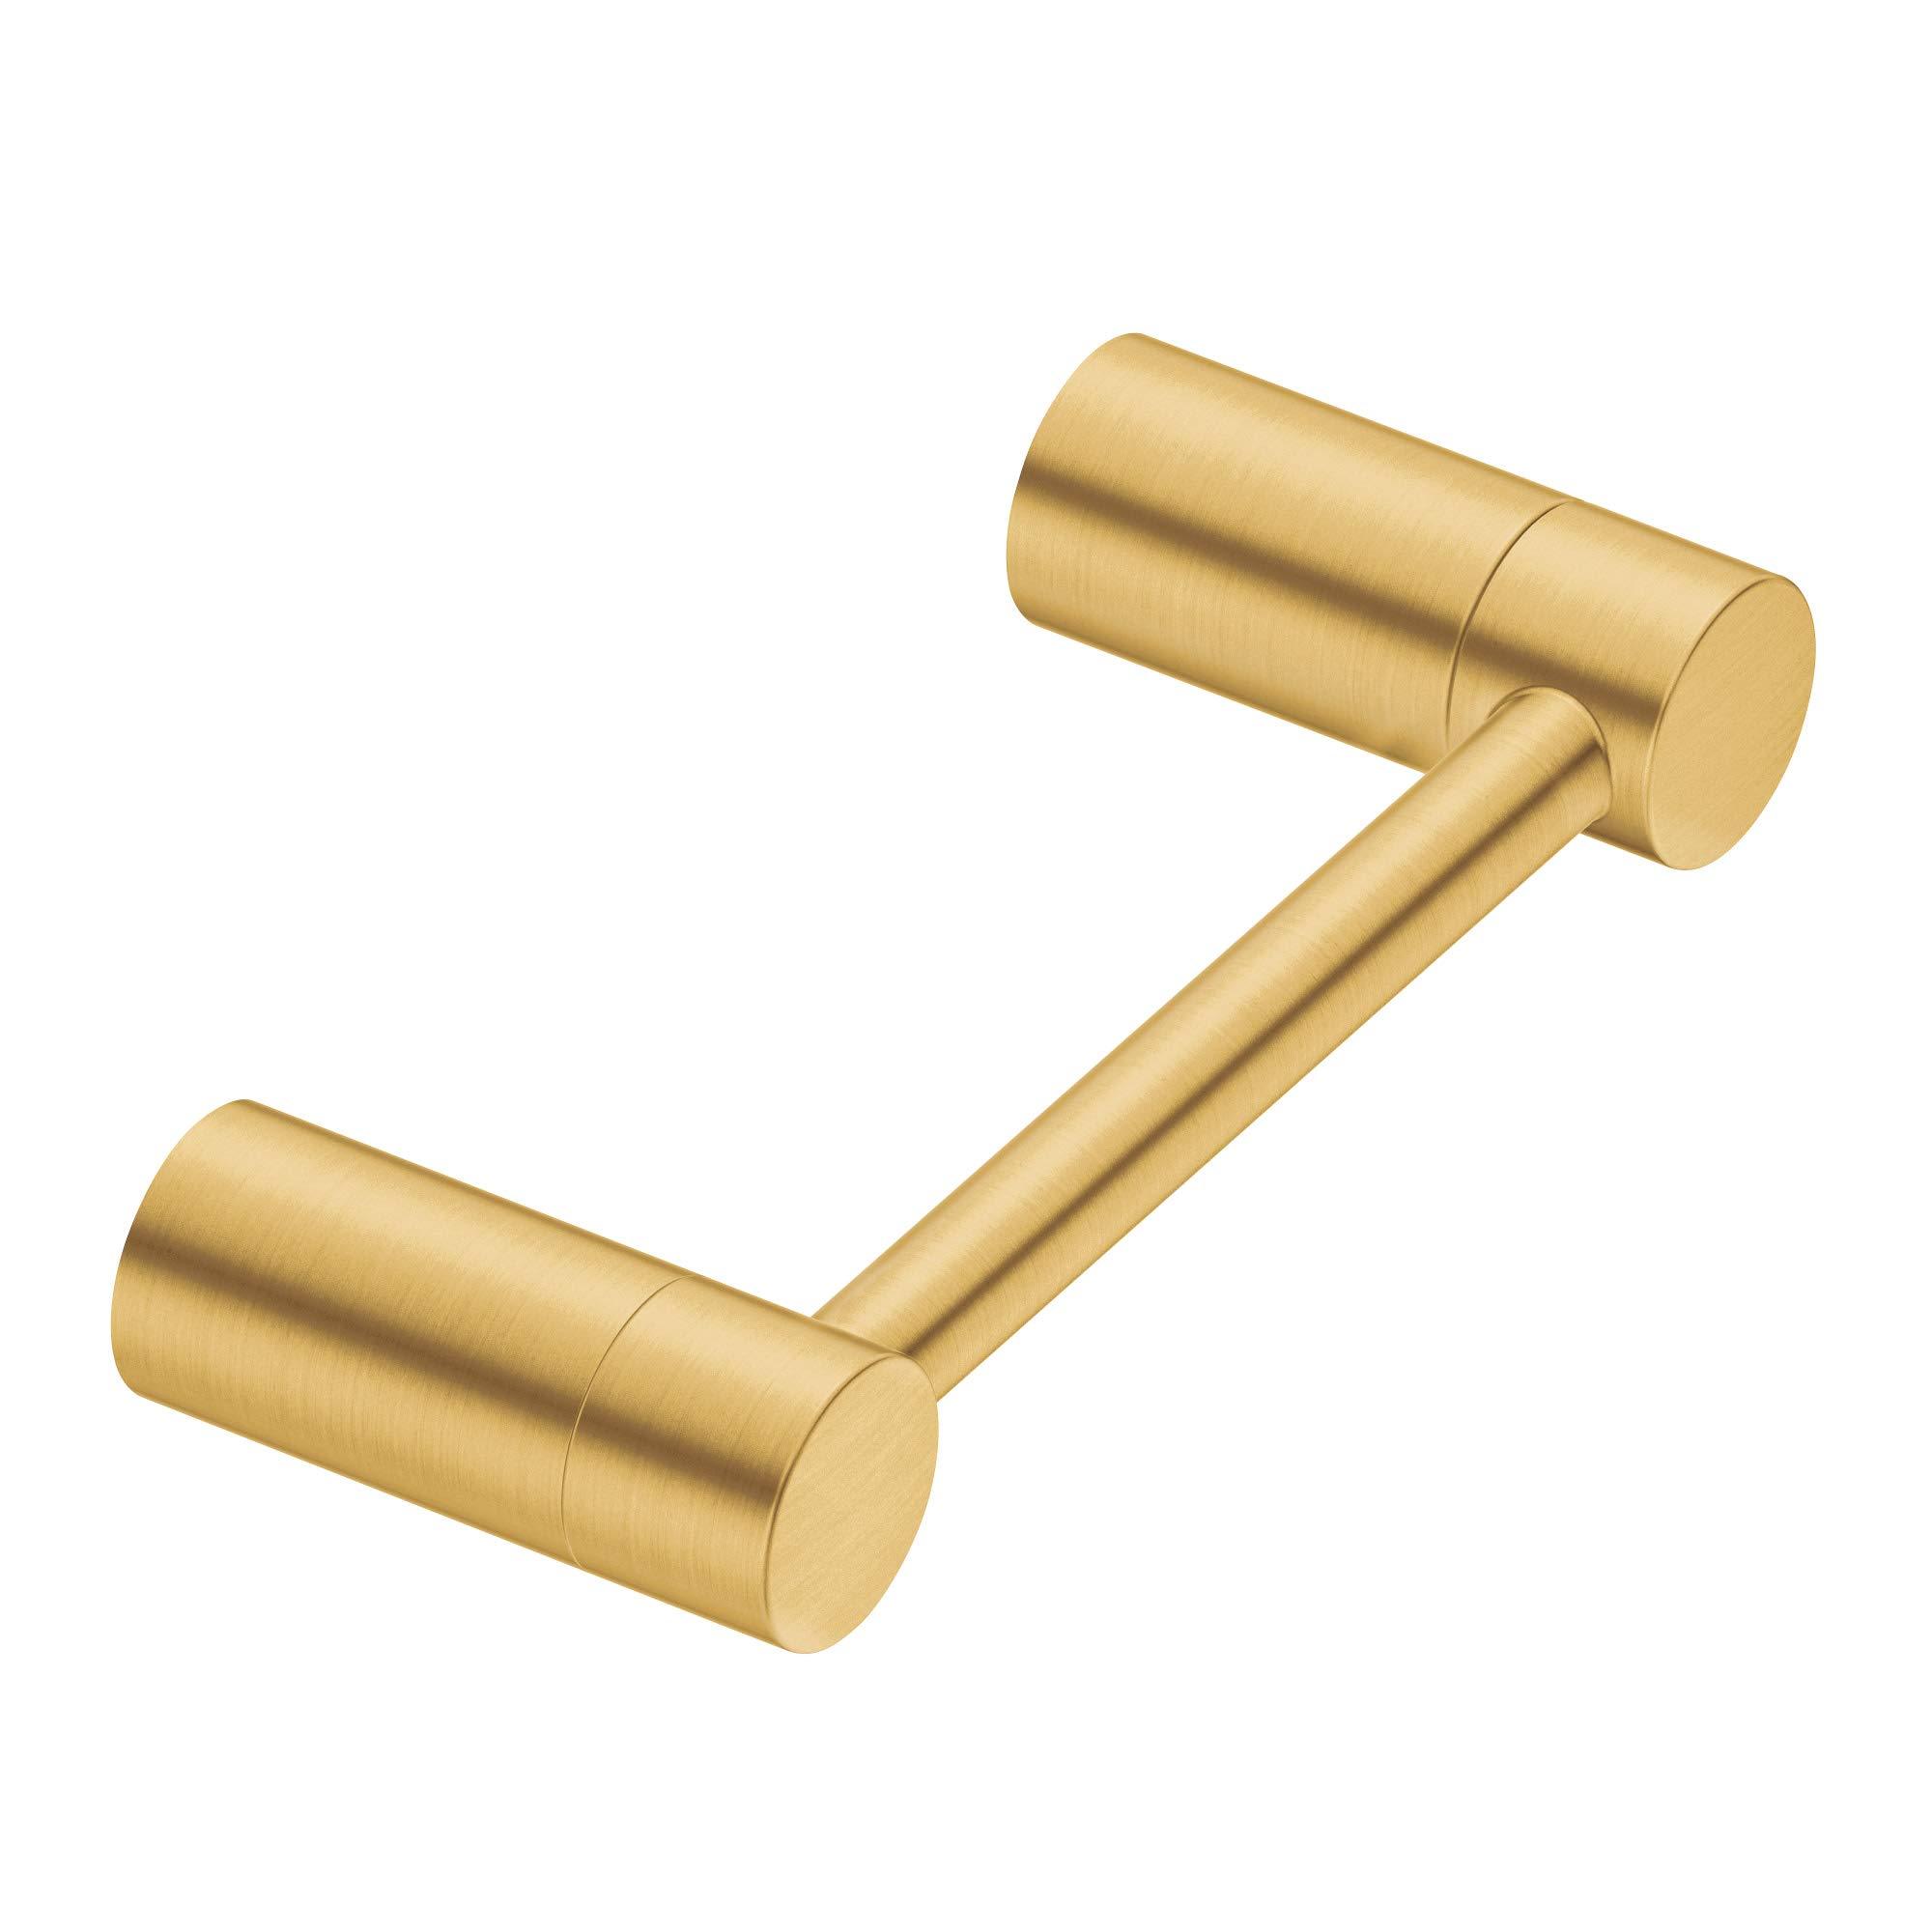 Moen YB0408BG Align Pivoting Double Post Modern Toilet Paper Holder, Brushed Gold